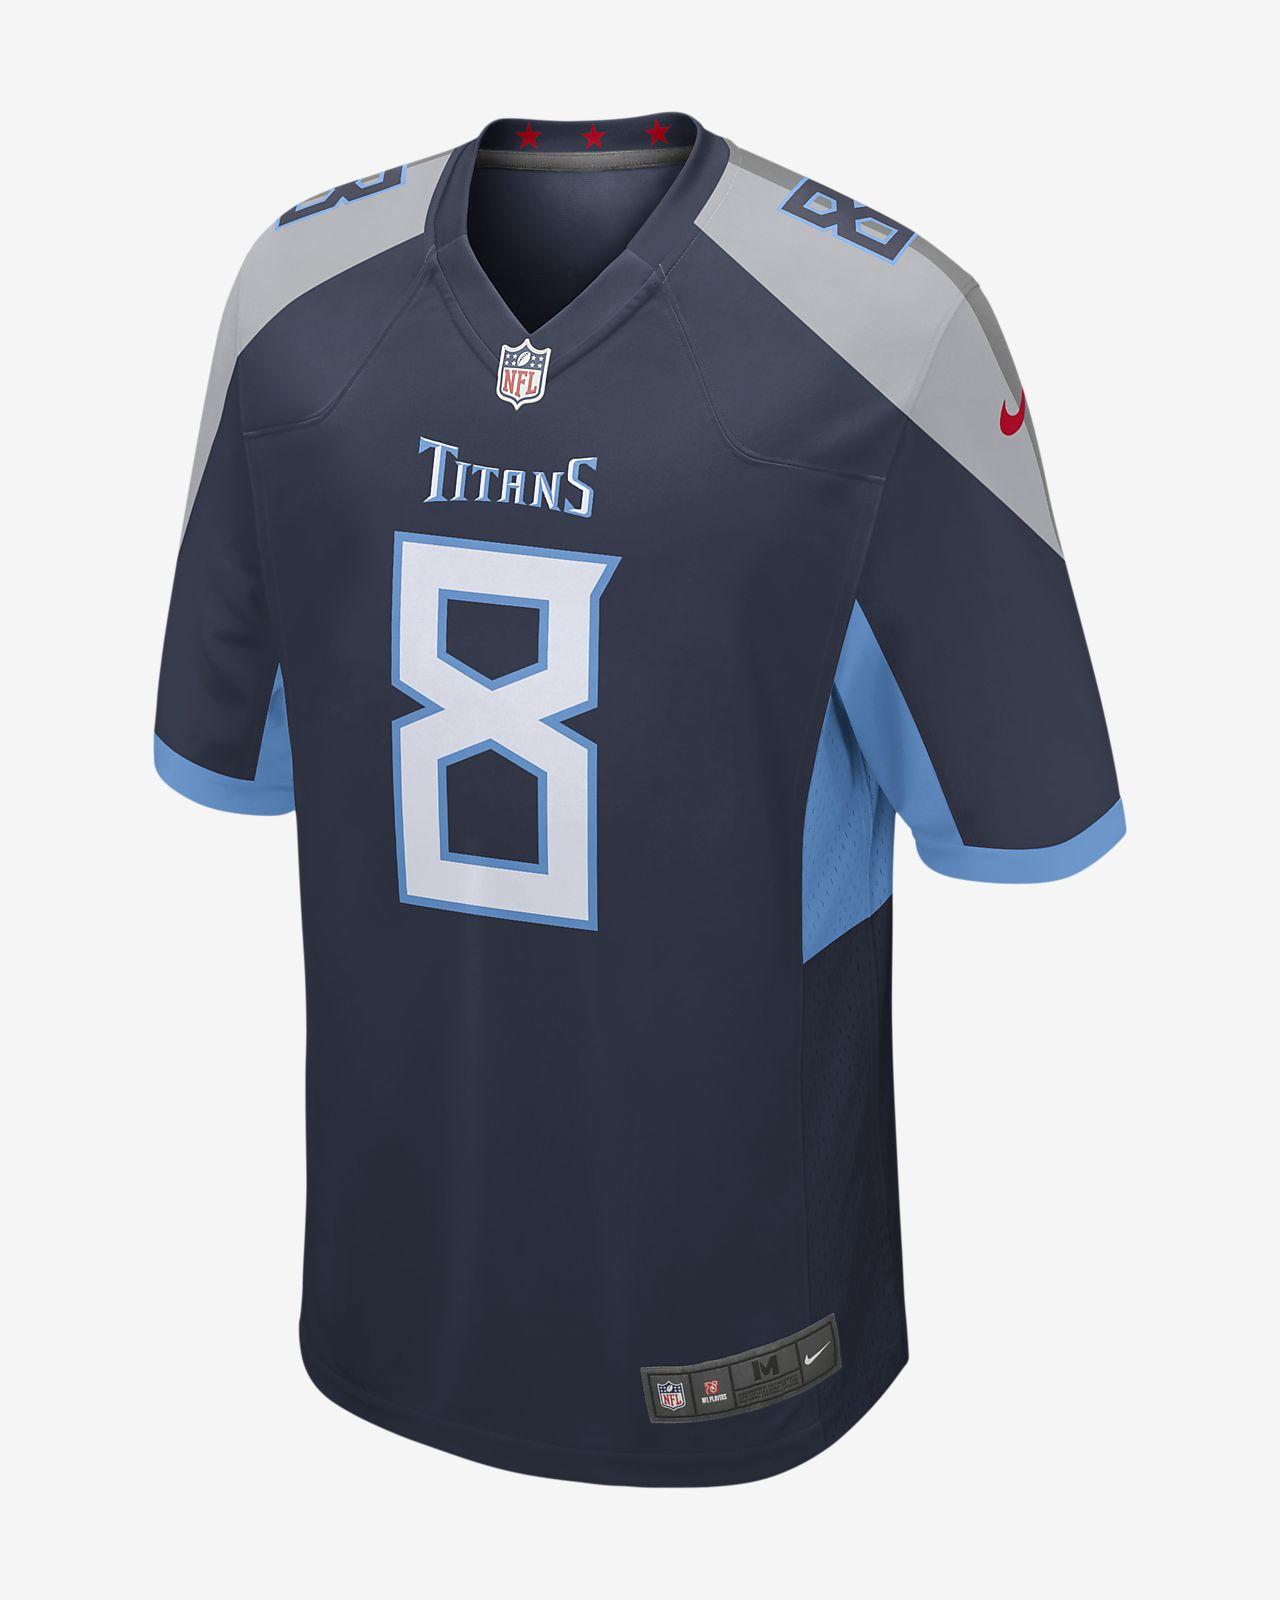 Ανδρική φανέλα αμερικανικού ποδοσφαίρου NFL Tennessee Titans (Marcus Mariota)